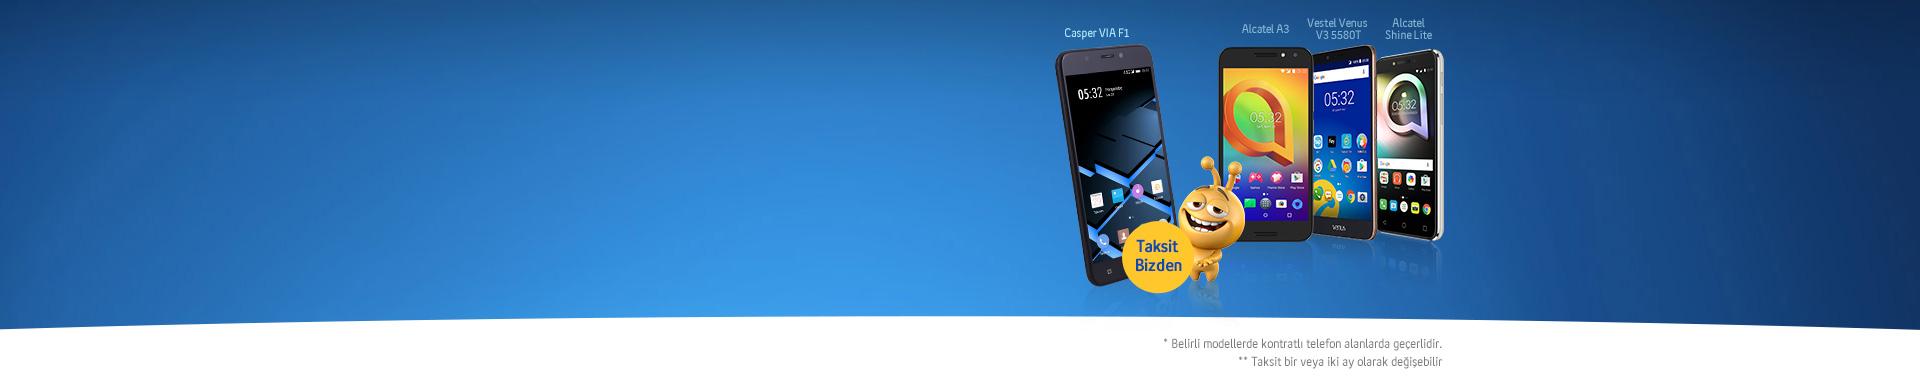 Yeni Müşterilerimizin Akıllı Telefonlarının İlk Taksitleri Bizden